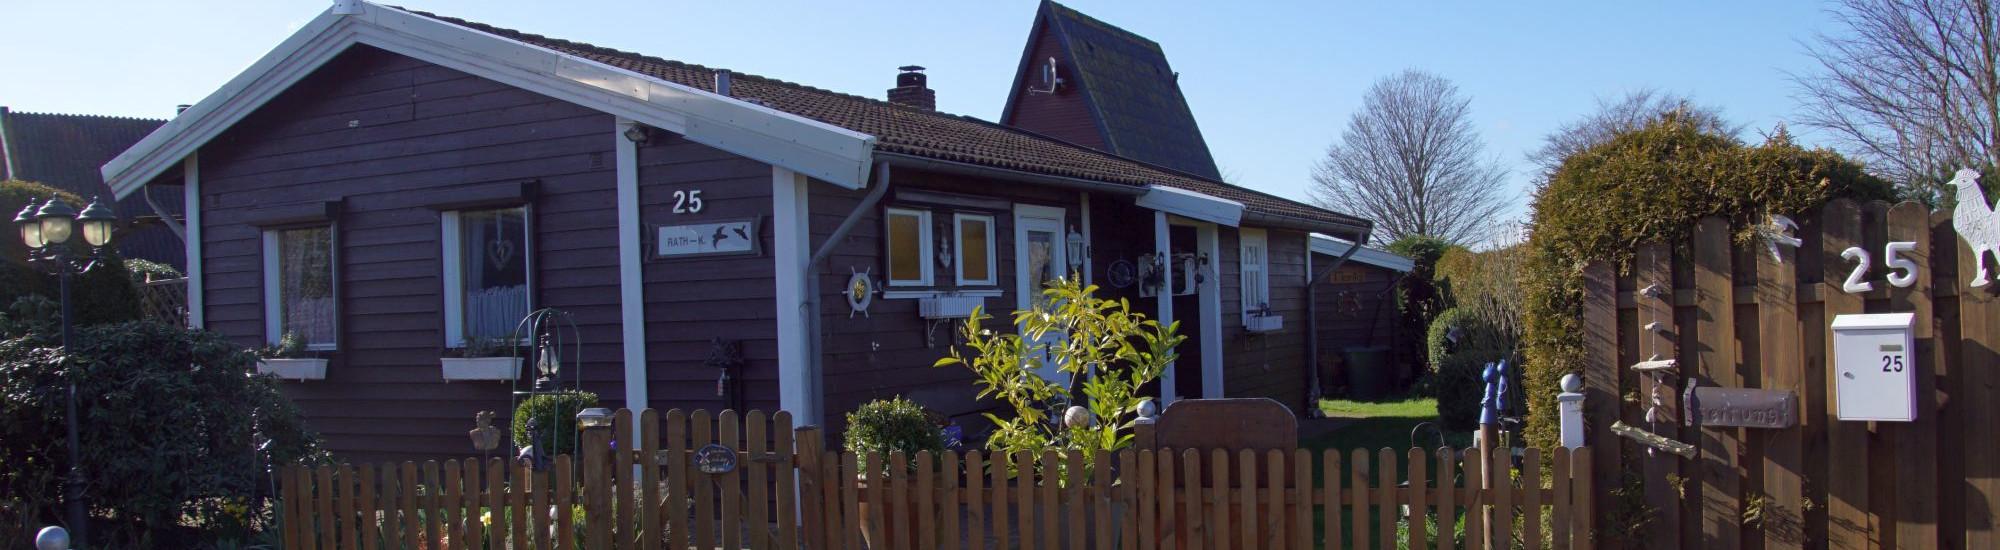 Schwedisches Holzhaus in Hohenfelde an der Ostsee